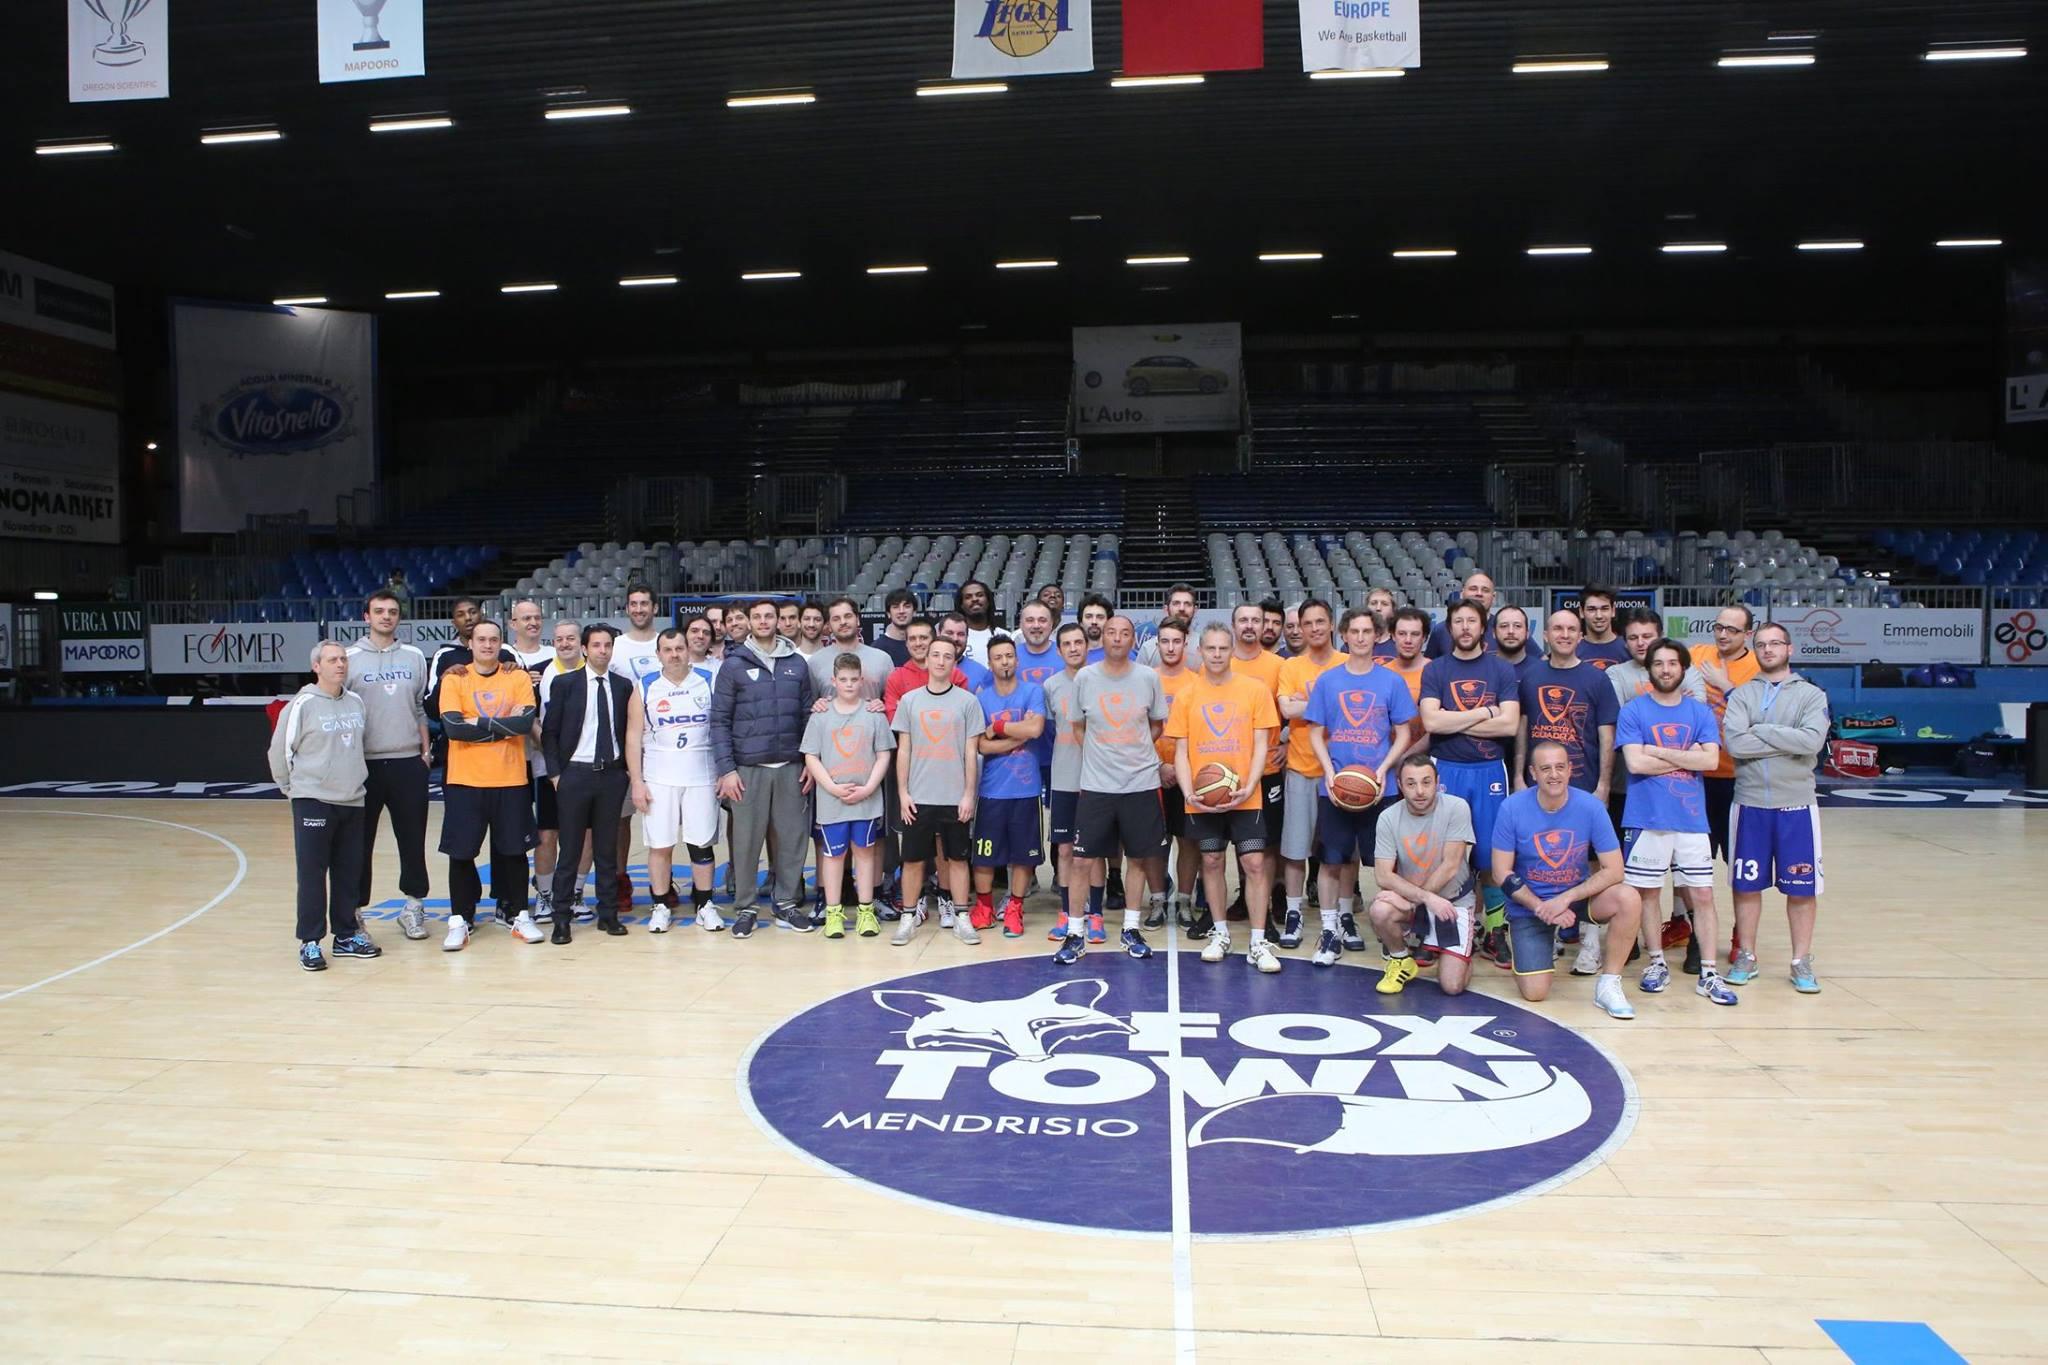 Neologistica sponsor di pallacanestro cant - Immagini stampabili di pallacanestro ...